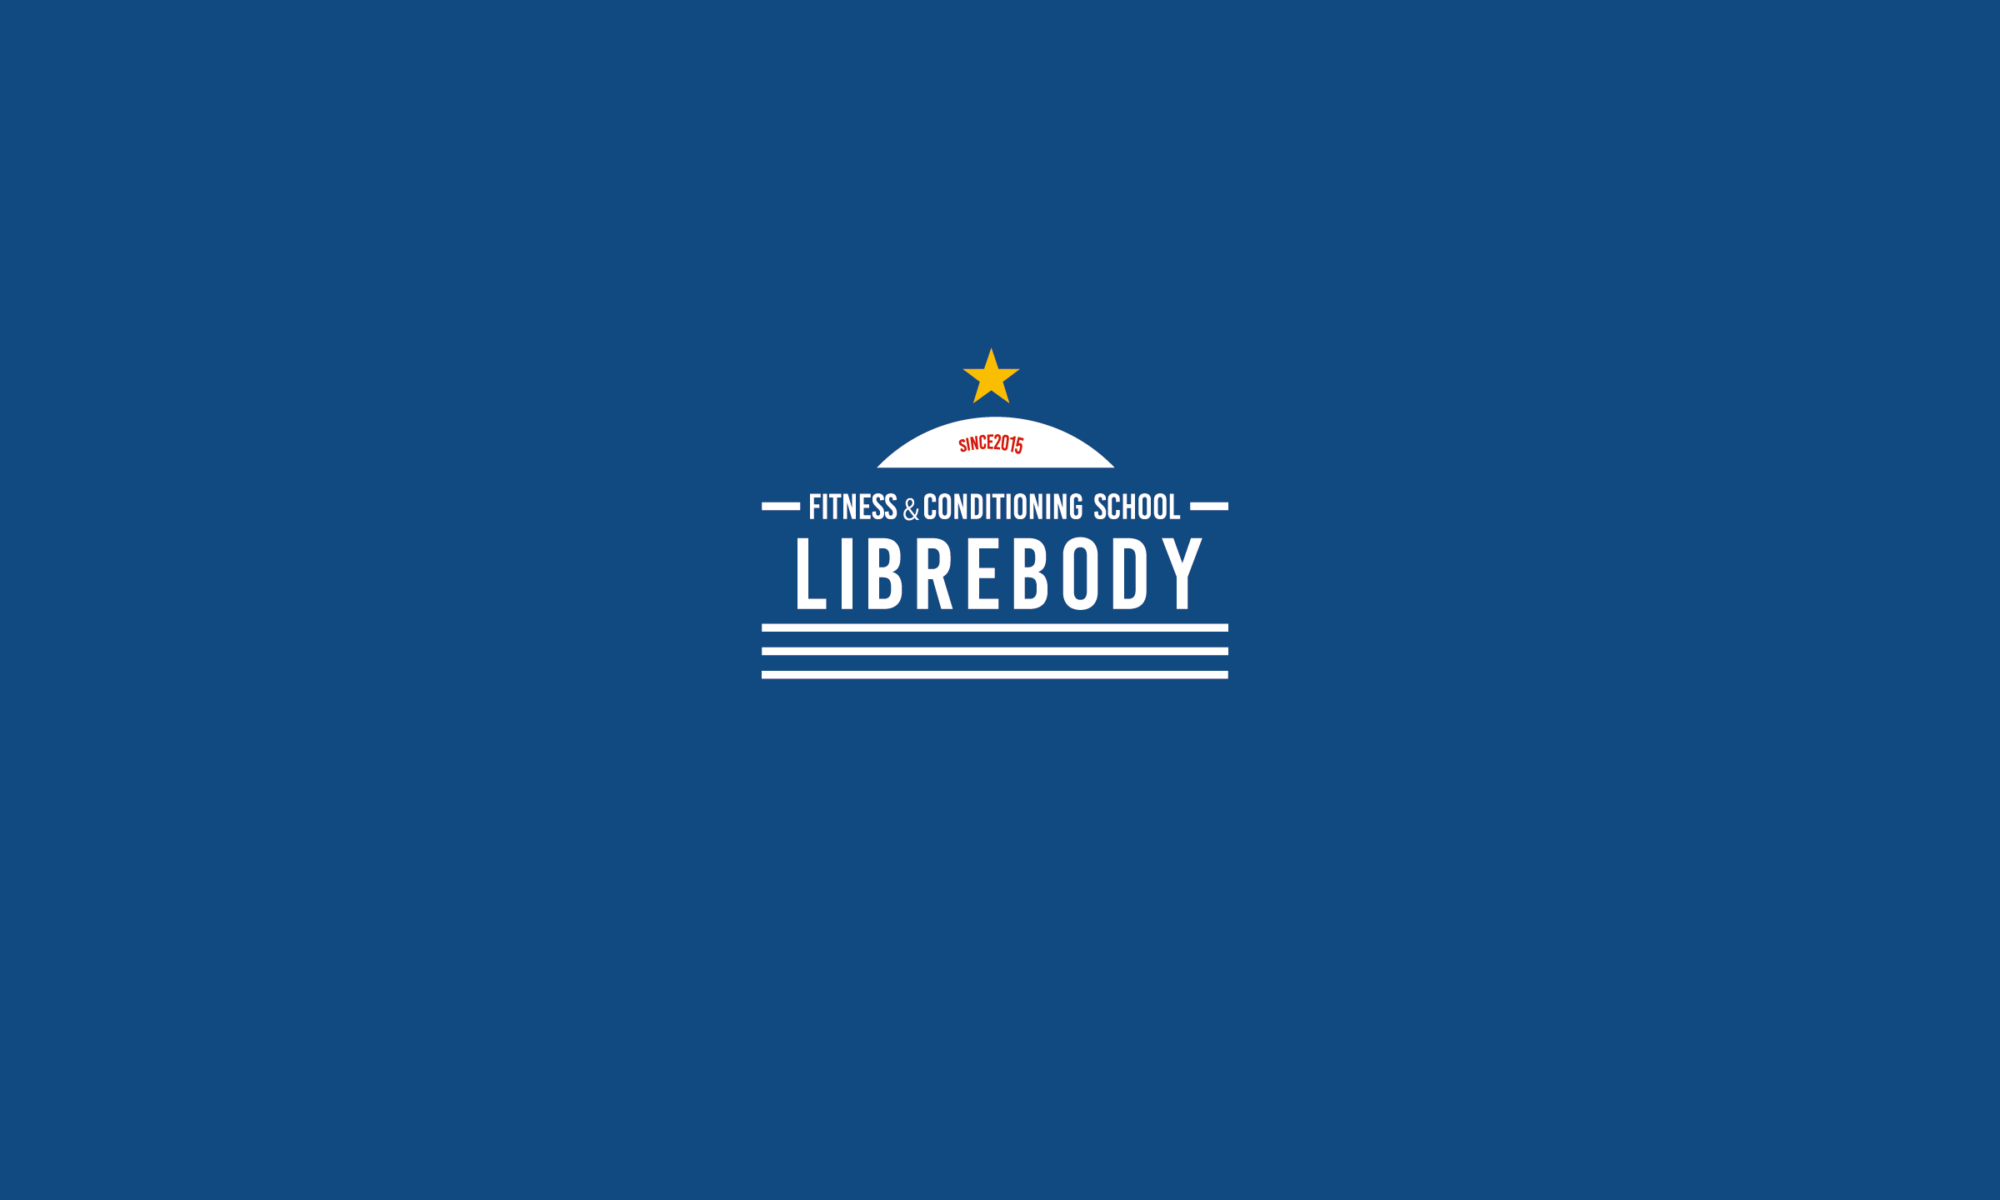 LibreBody